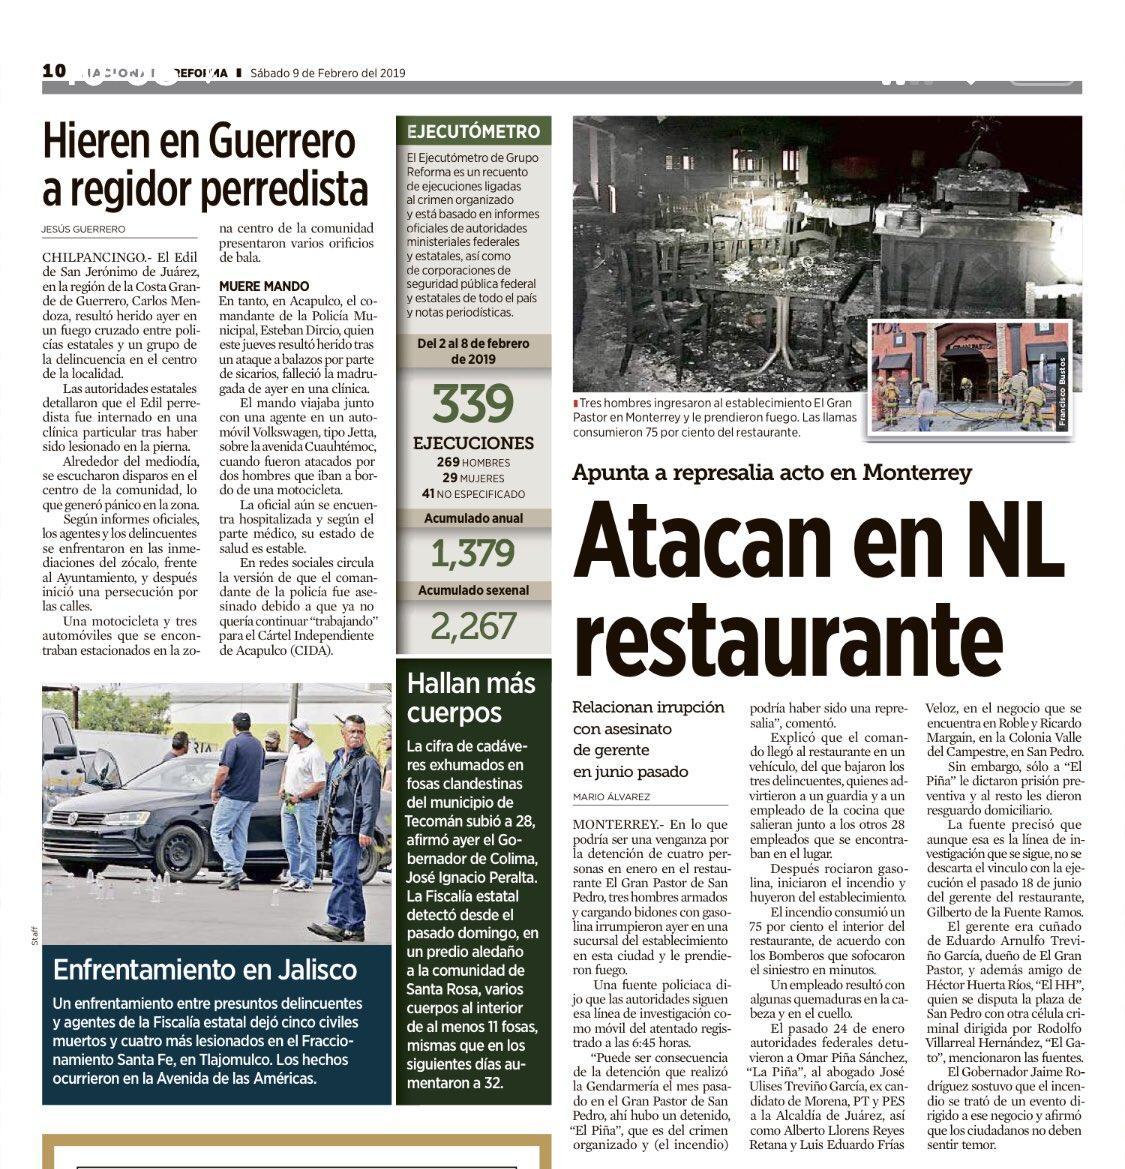 En ese lugar se come delicioso, ¡no puede ser! #AMLO los delincuentes no te están haciendo caso, ni a sus mamás.   @granpastor1 @Monterrey